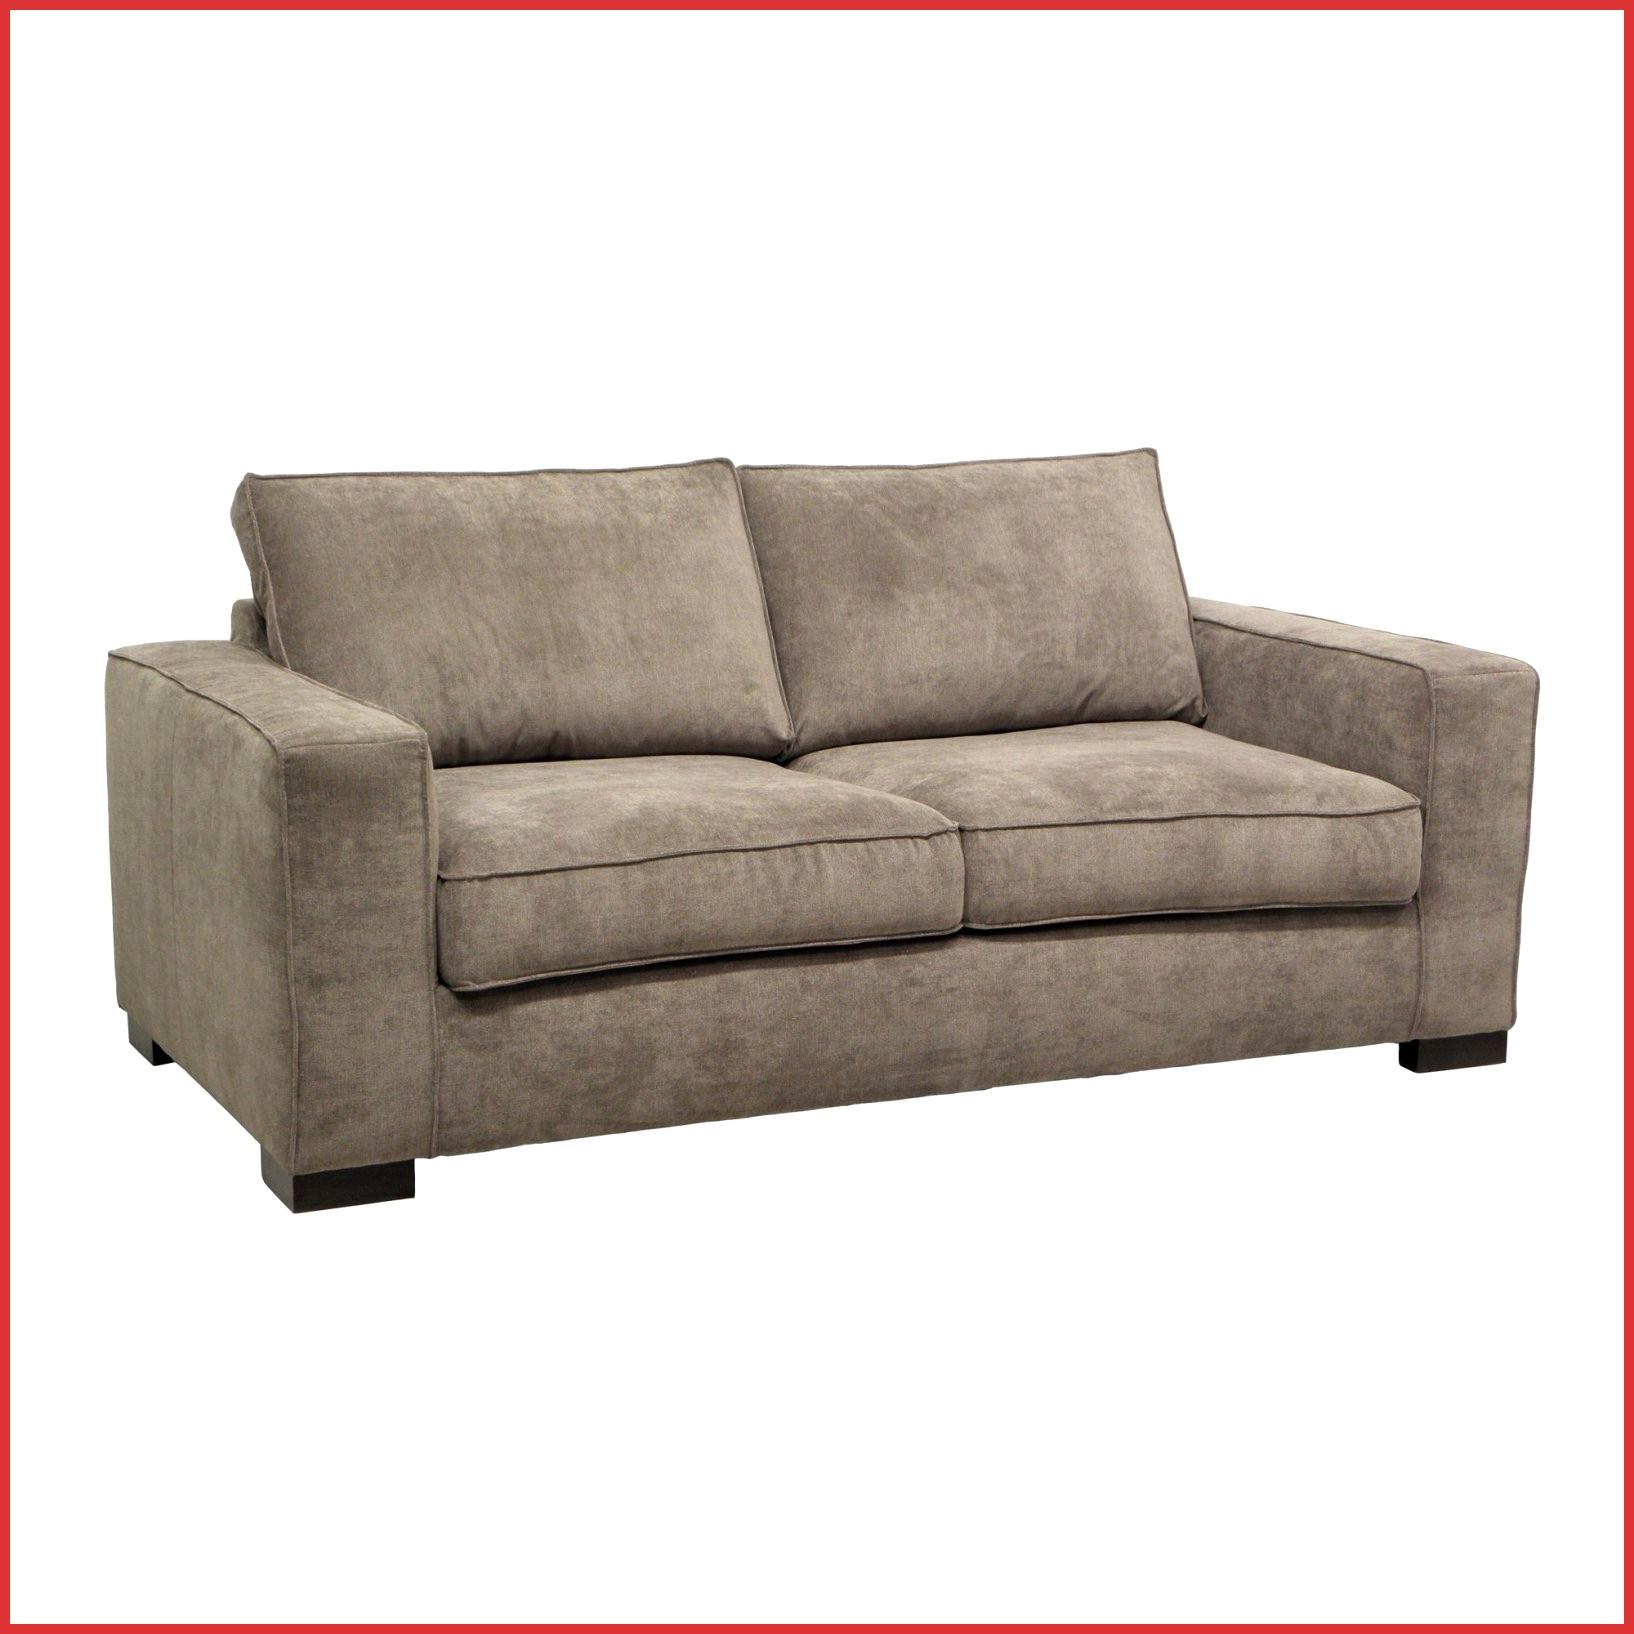 Ikea Canapé Relax Élégant Images Canap Convertible 3 Places Conforama 11 Lit 2 Pas Cher Ikea but